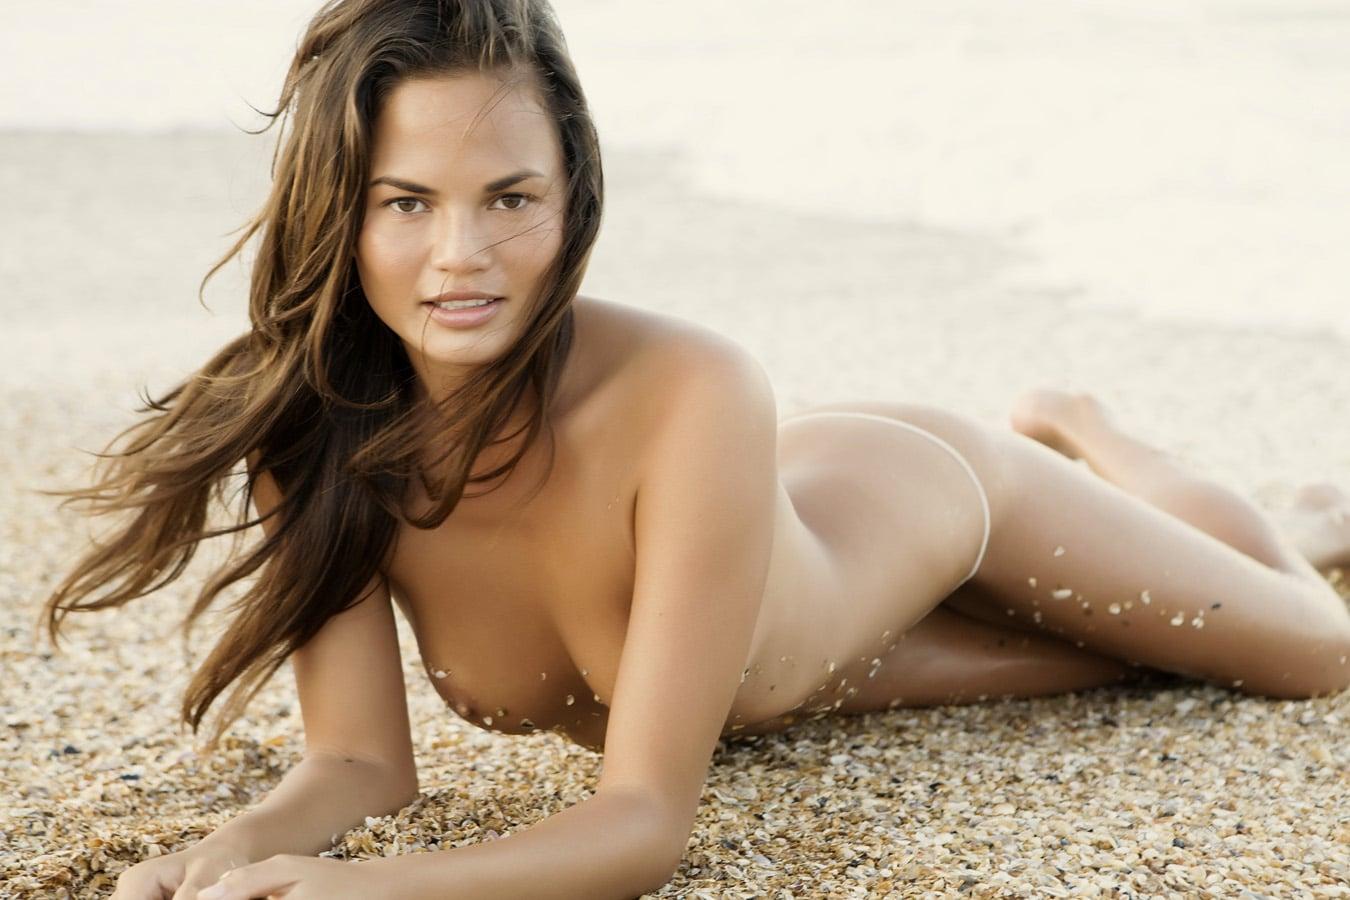 chrissy teigen nude compilation 36 photos   celebs unmasked